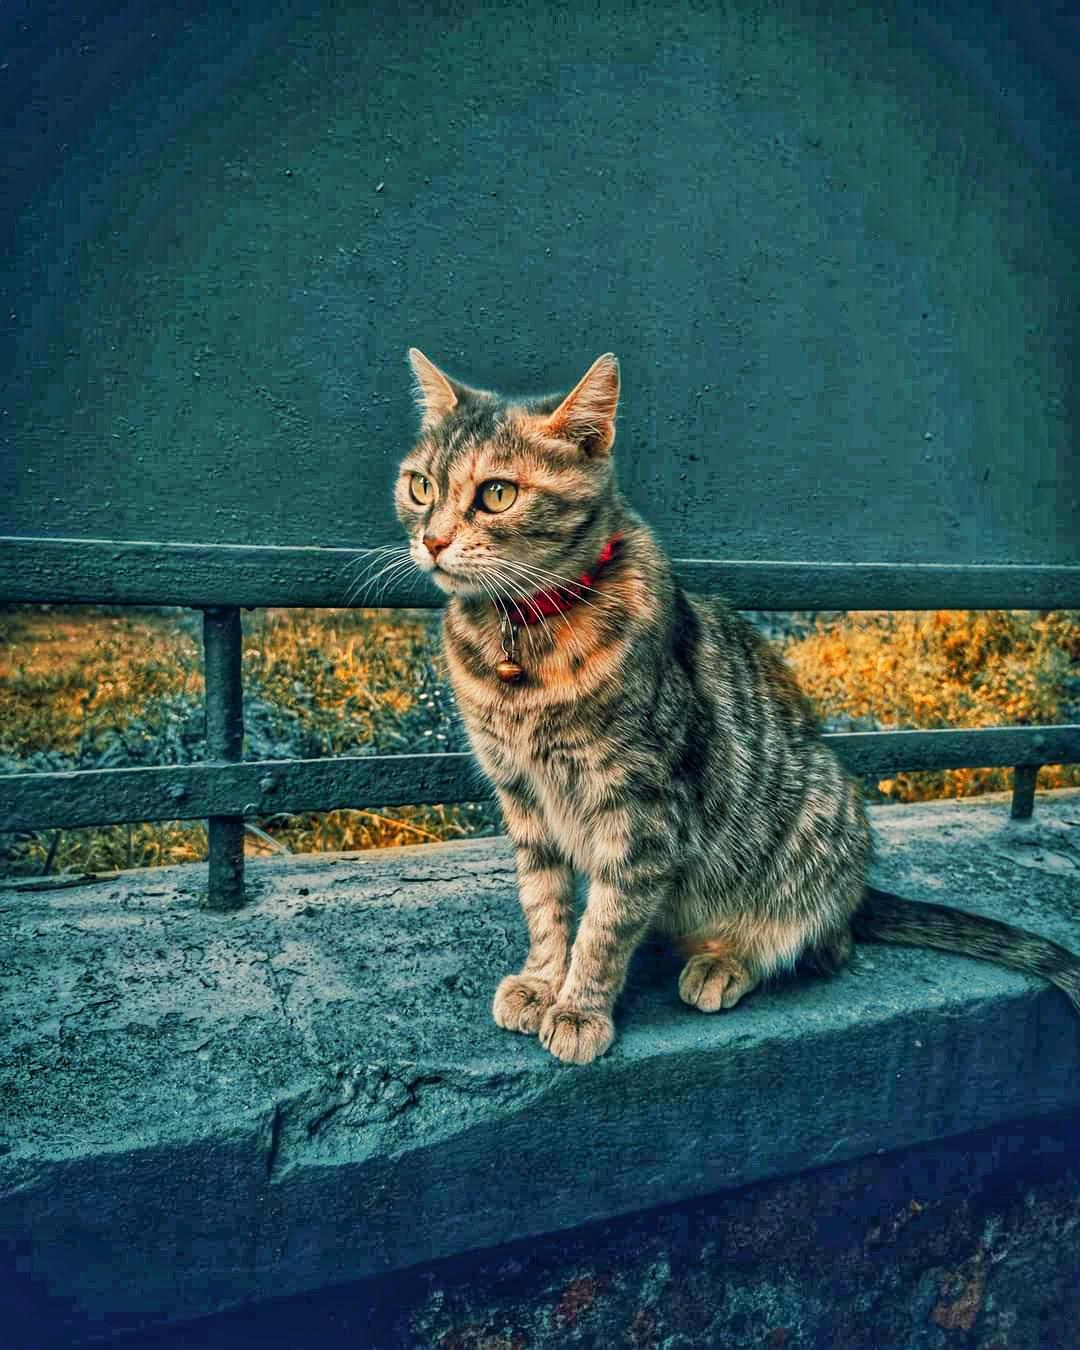 Cat 🐈 night